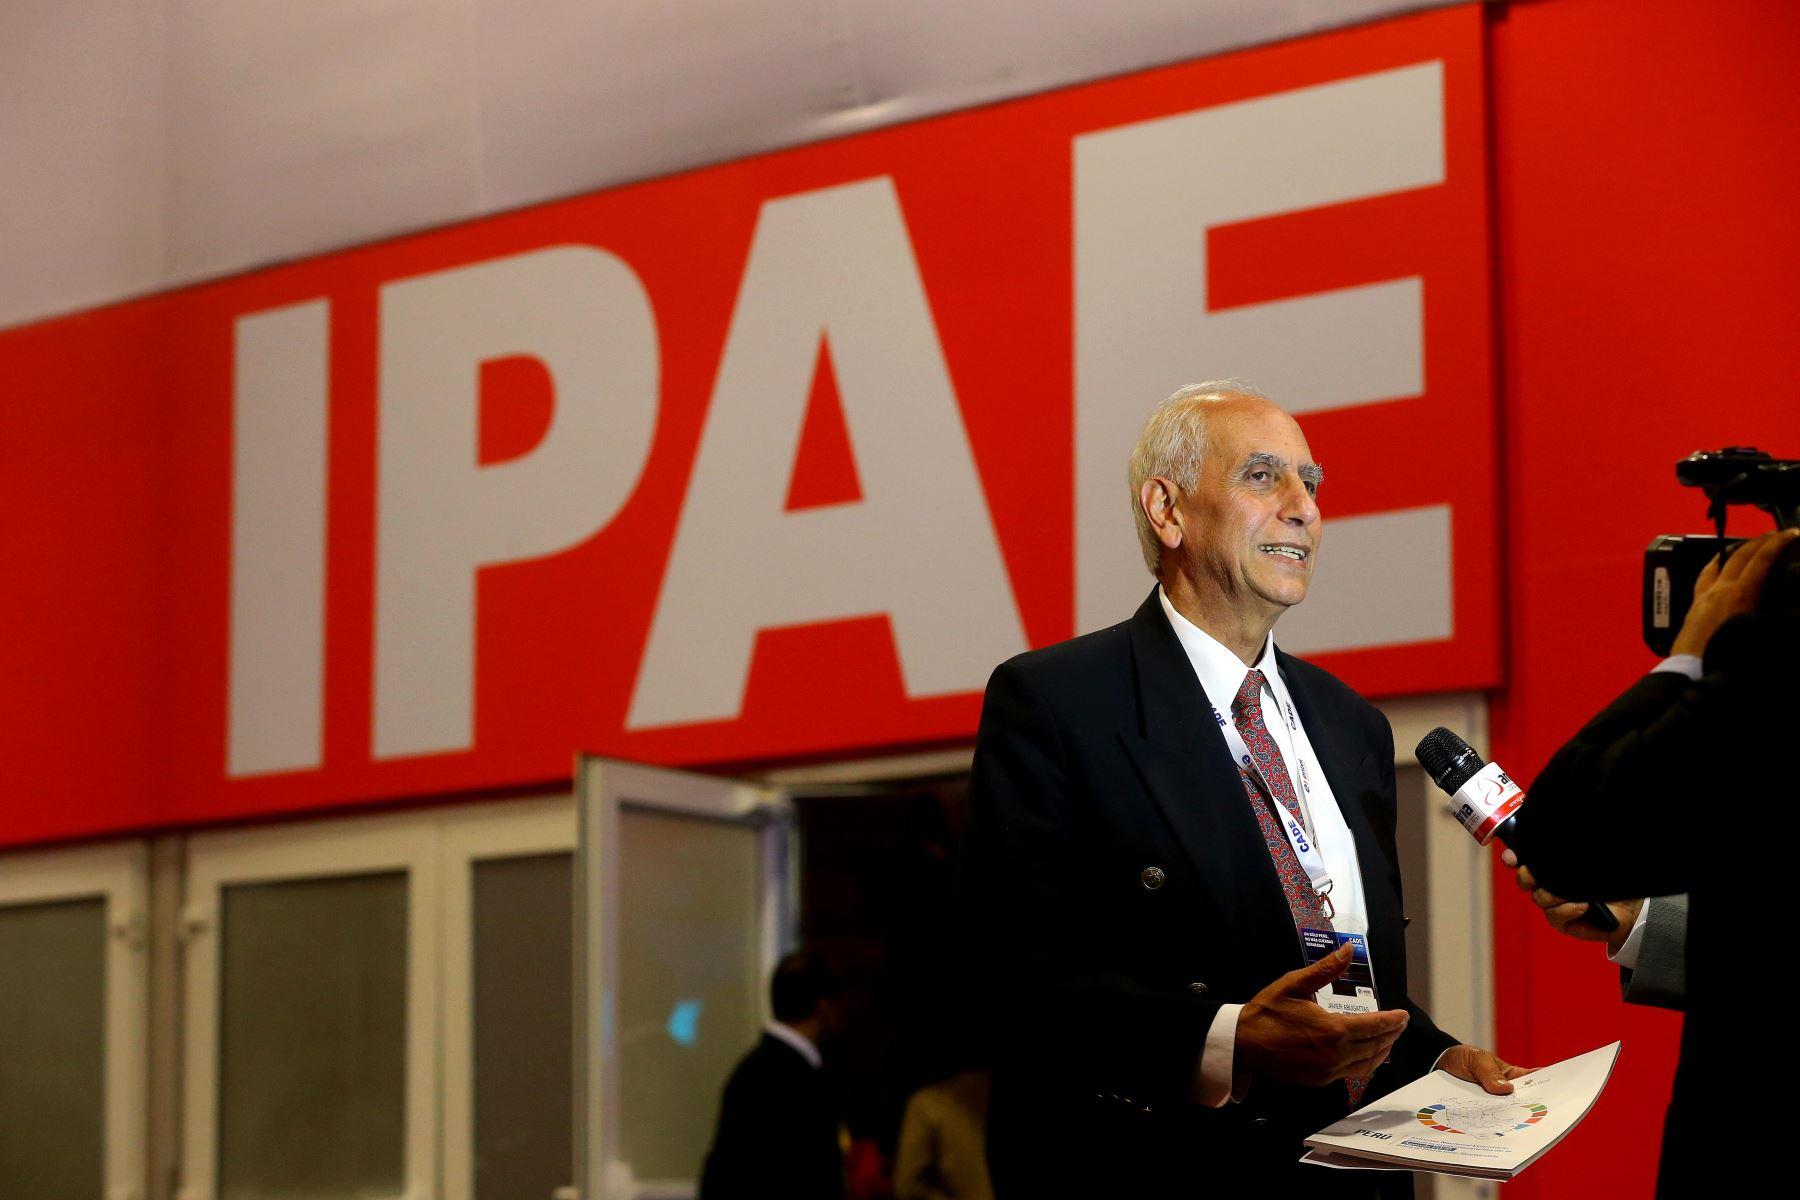 Presidente de Ceplan, Javier Abugattás.Foto:  ANDINA/Luis Iparraguirre